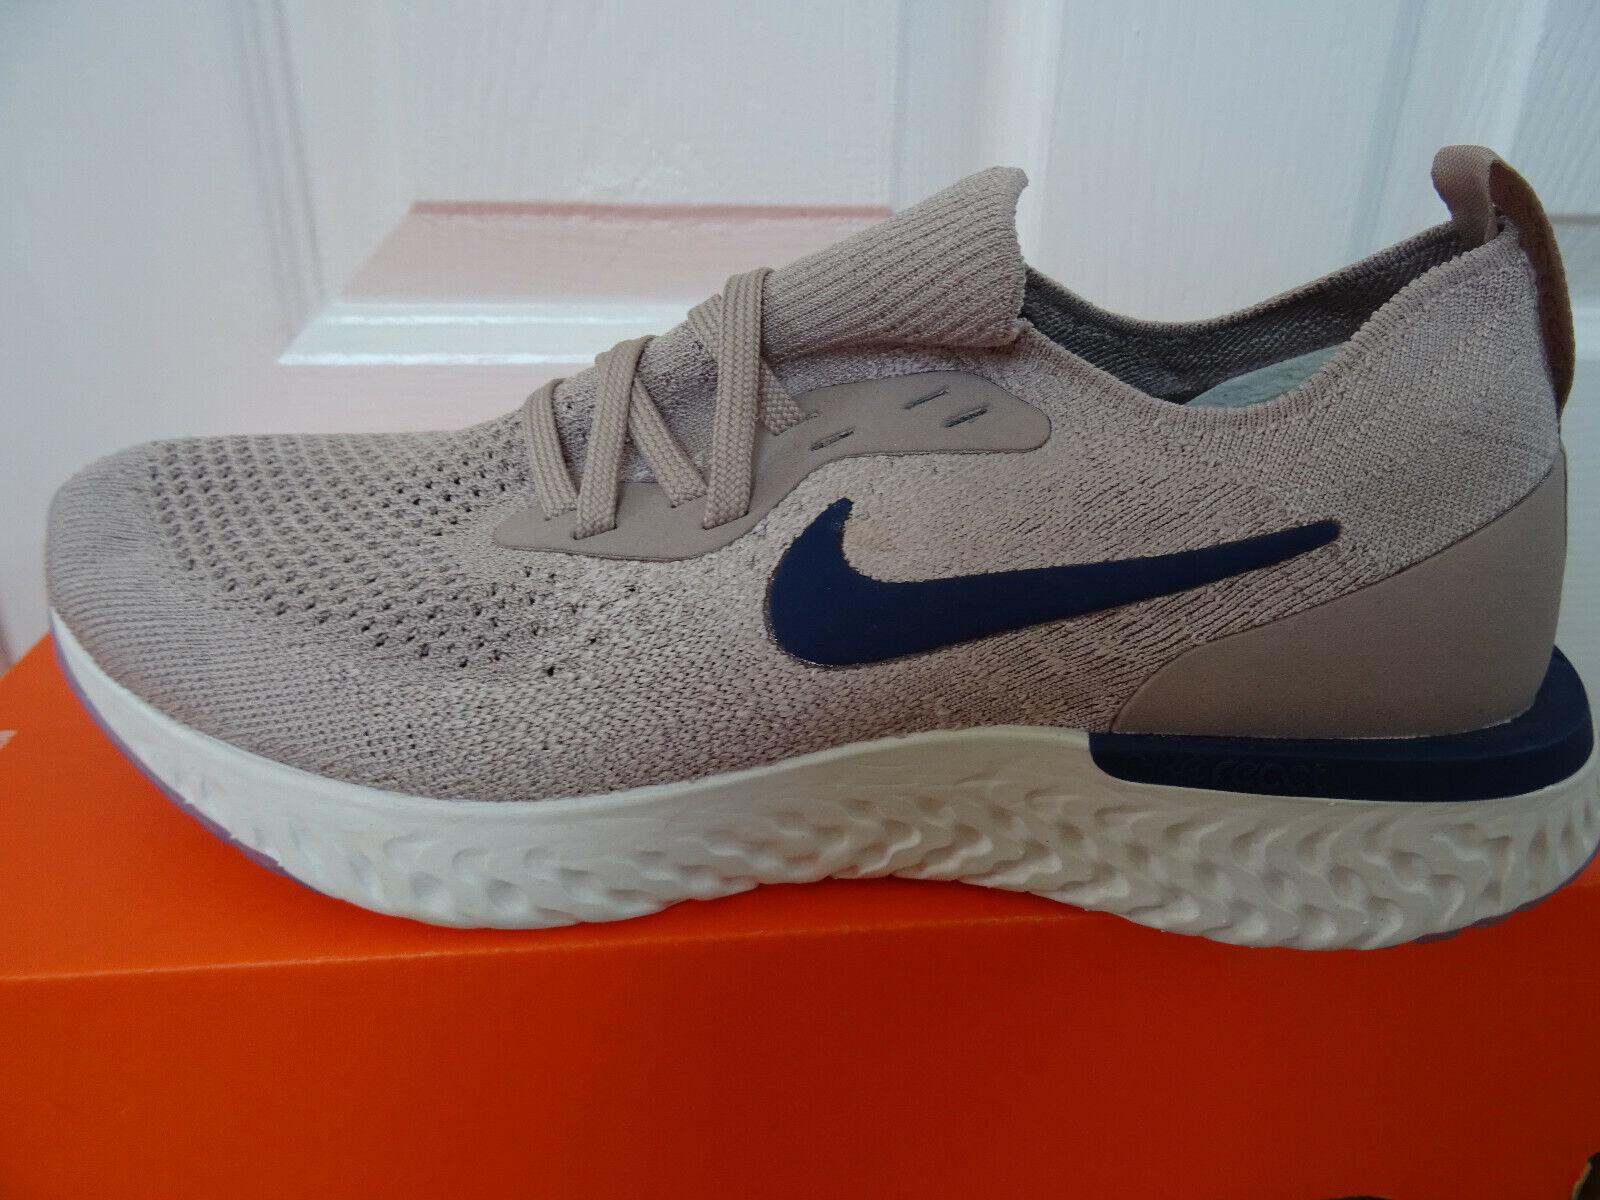 Nike Epic React Flyknit trainers schuhe AQ0067 201 uk 6 6 6 eu 40 us 7 NEWBOX  946bb0